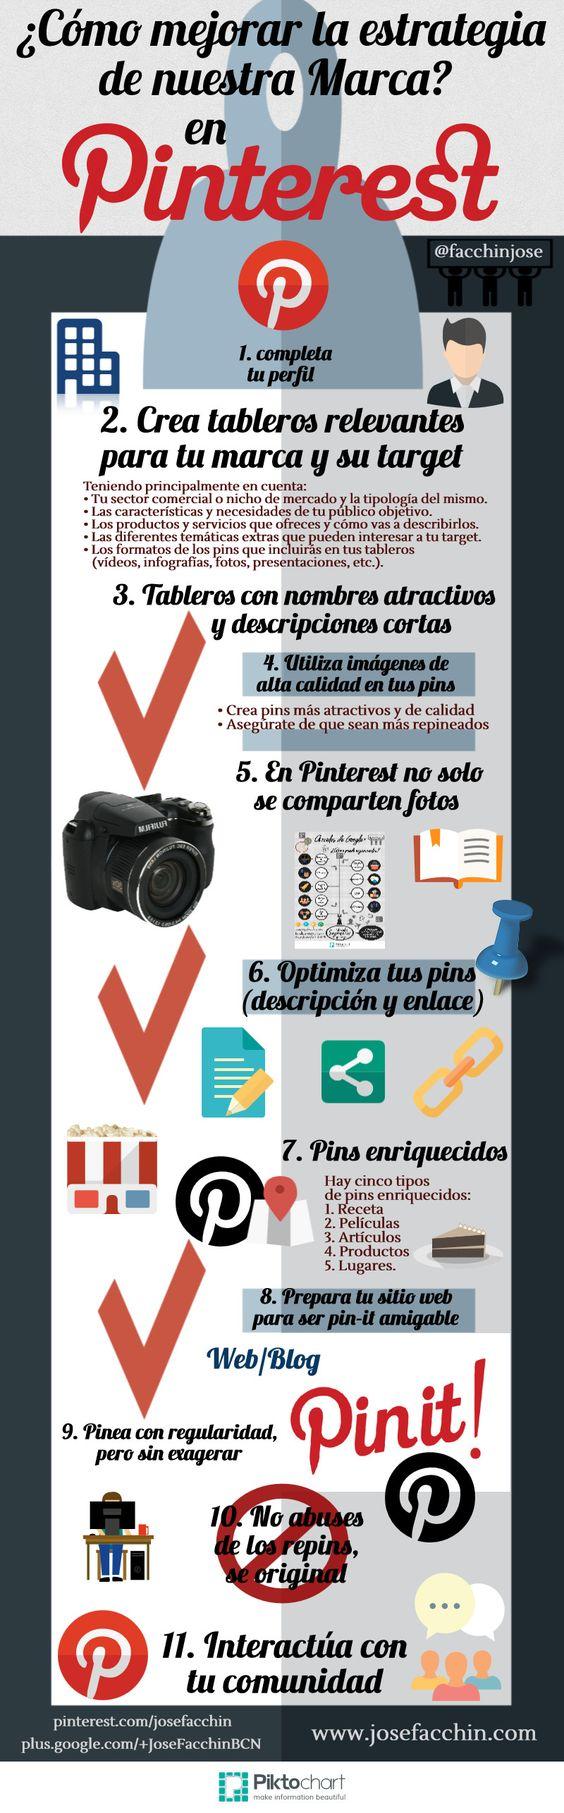 ¿Cómo mejorar la estrategia de nuestra Marca en Pinterest? Infografía en español. #CommunityManager